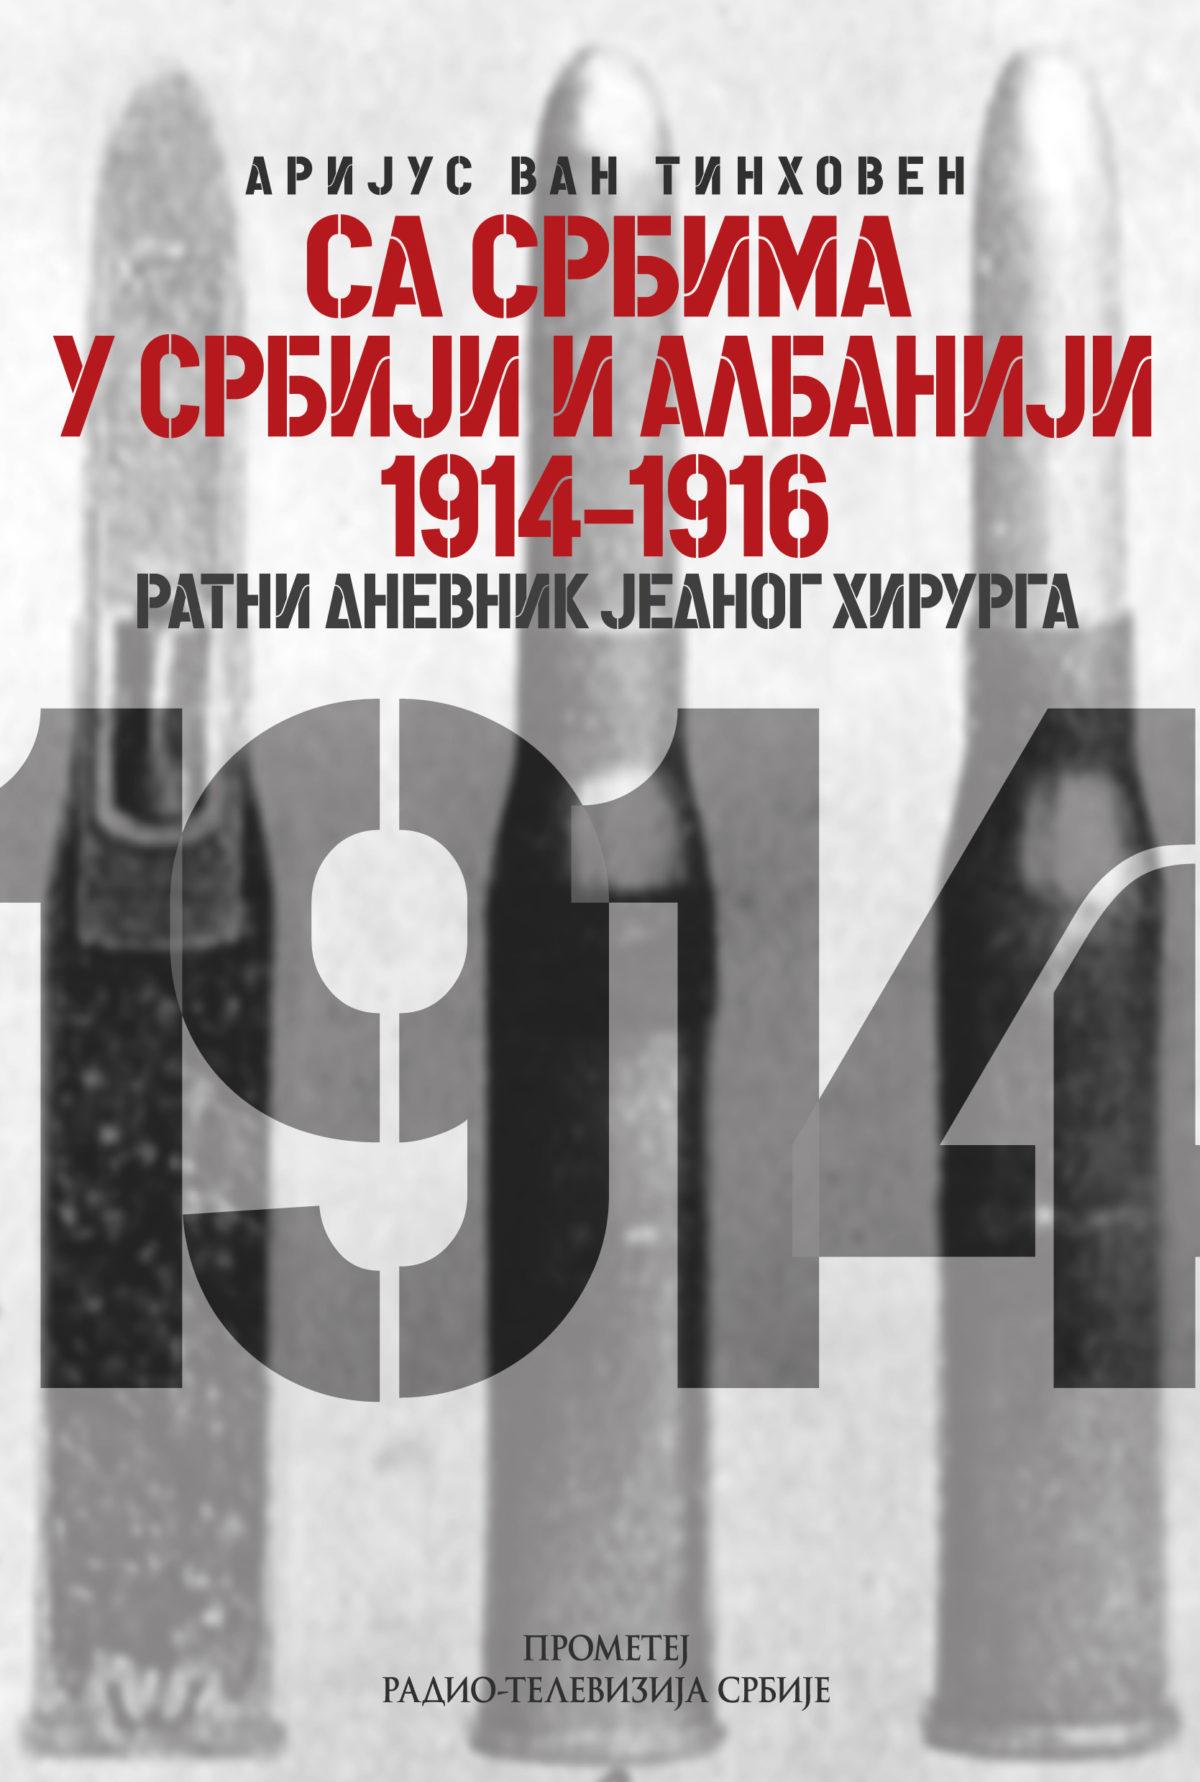 Са Србима у Србији и Албанији 1914-1916: Ратни дневник једног хирурга